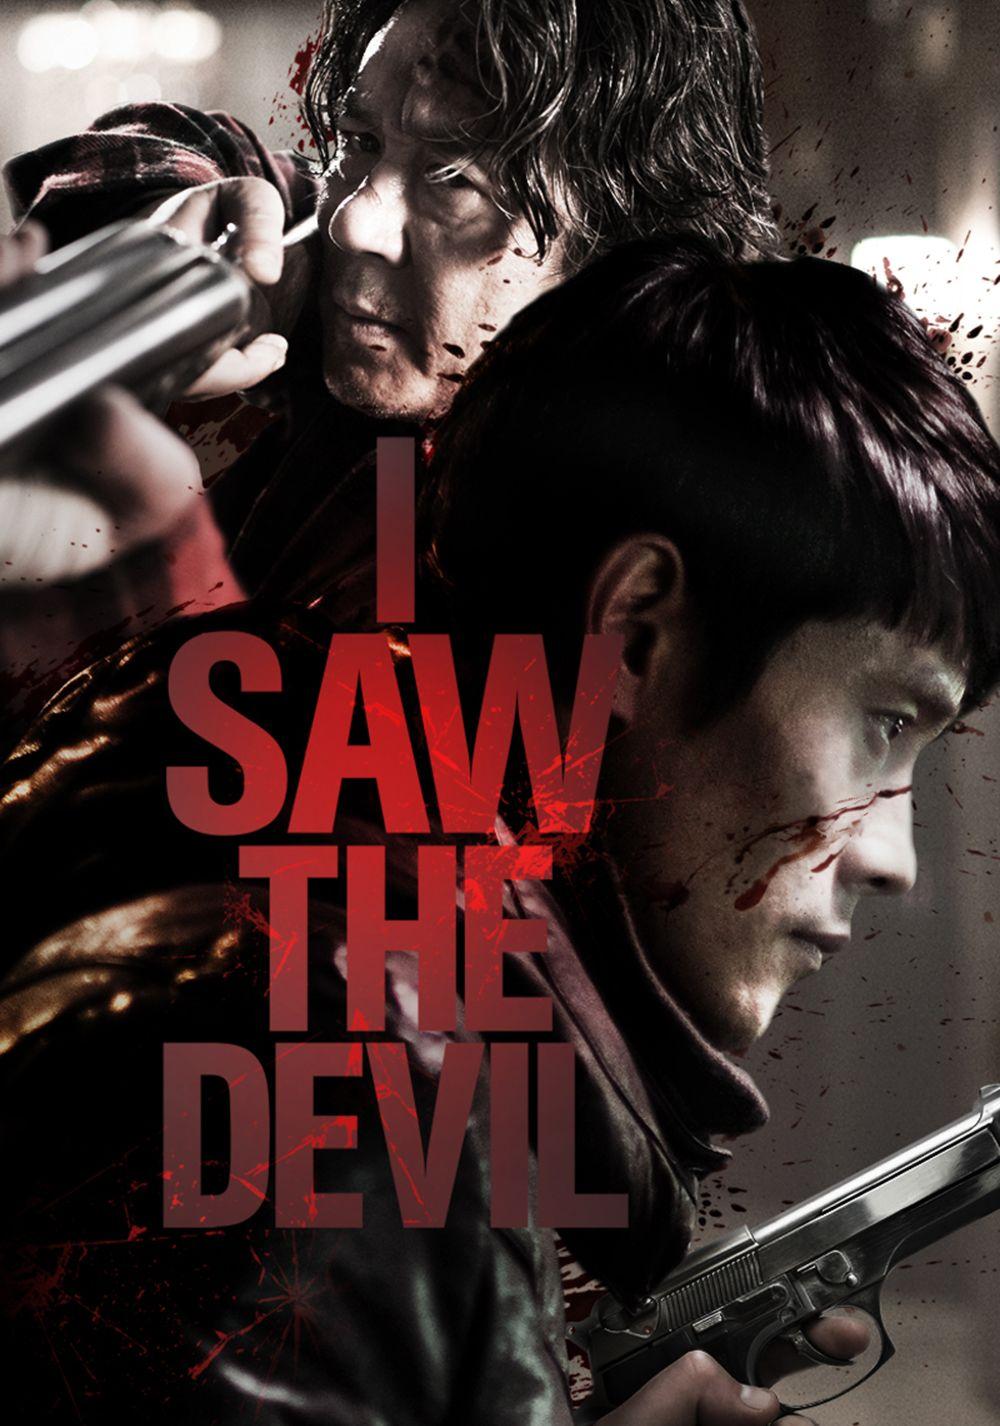 Risultati immagini per I SAW THE DEVIL